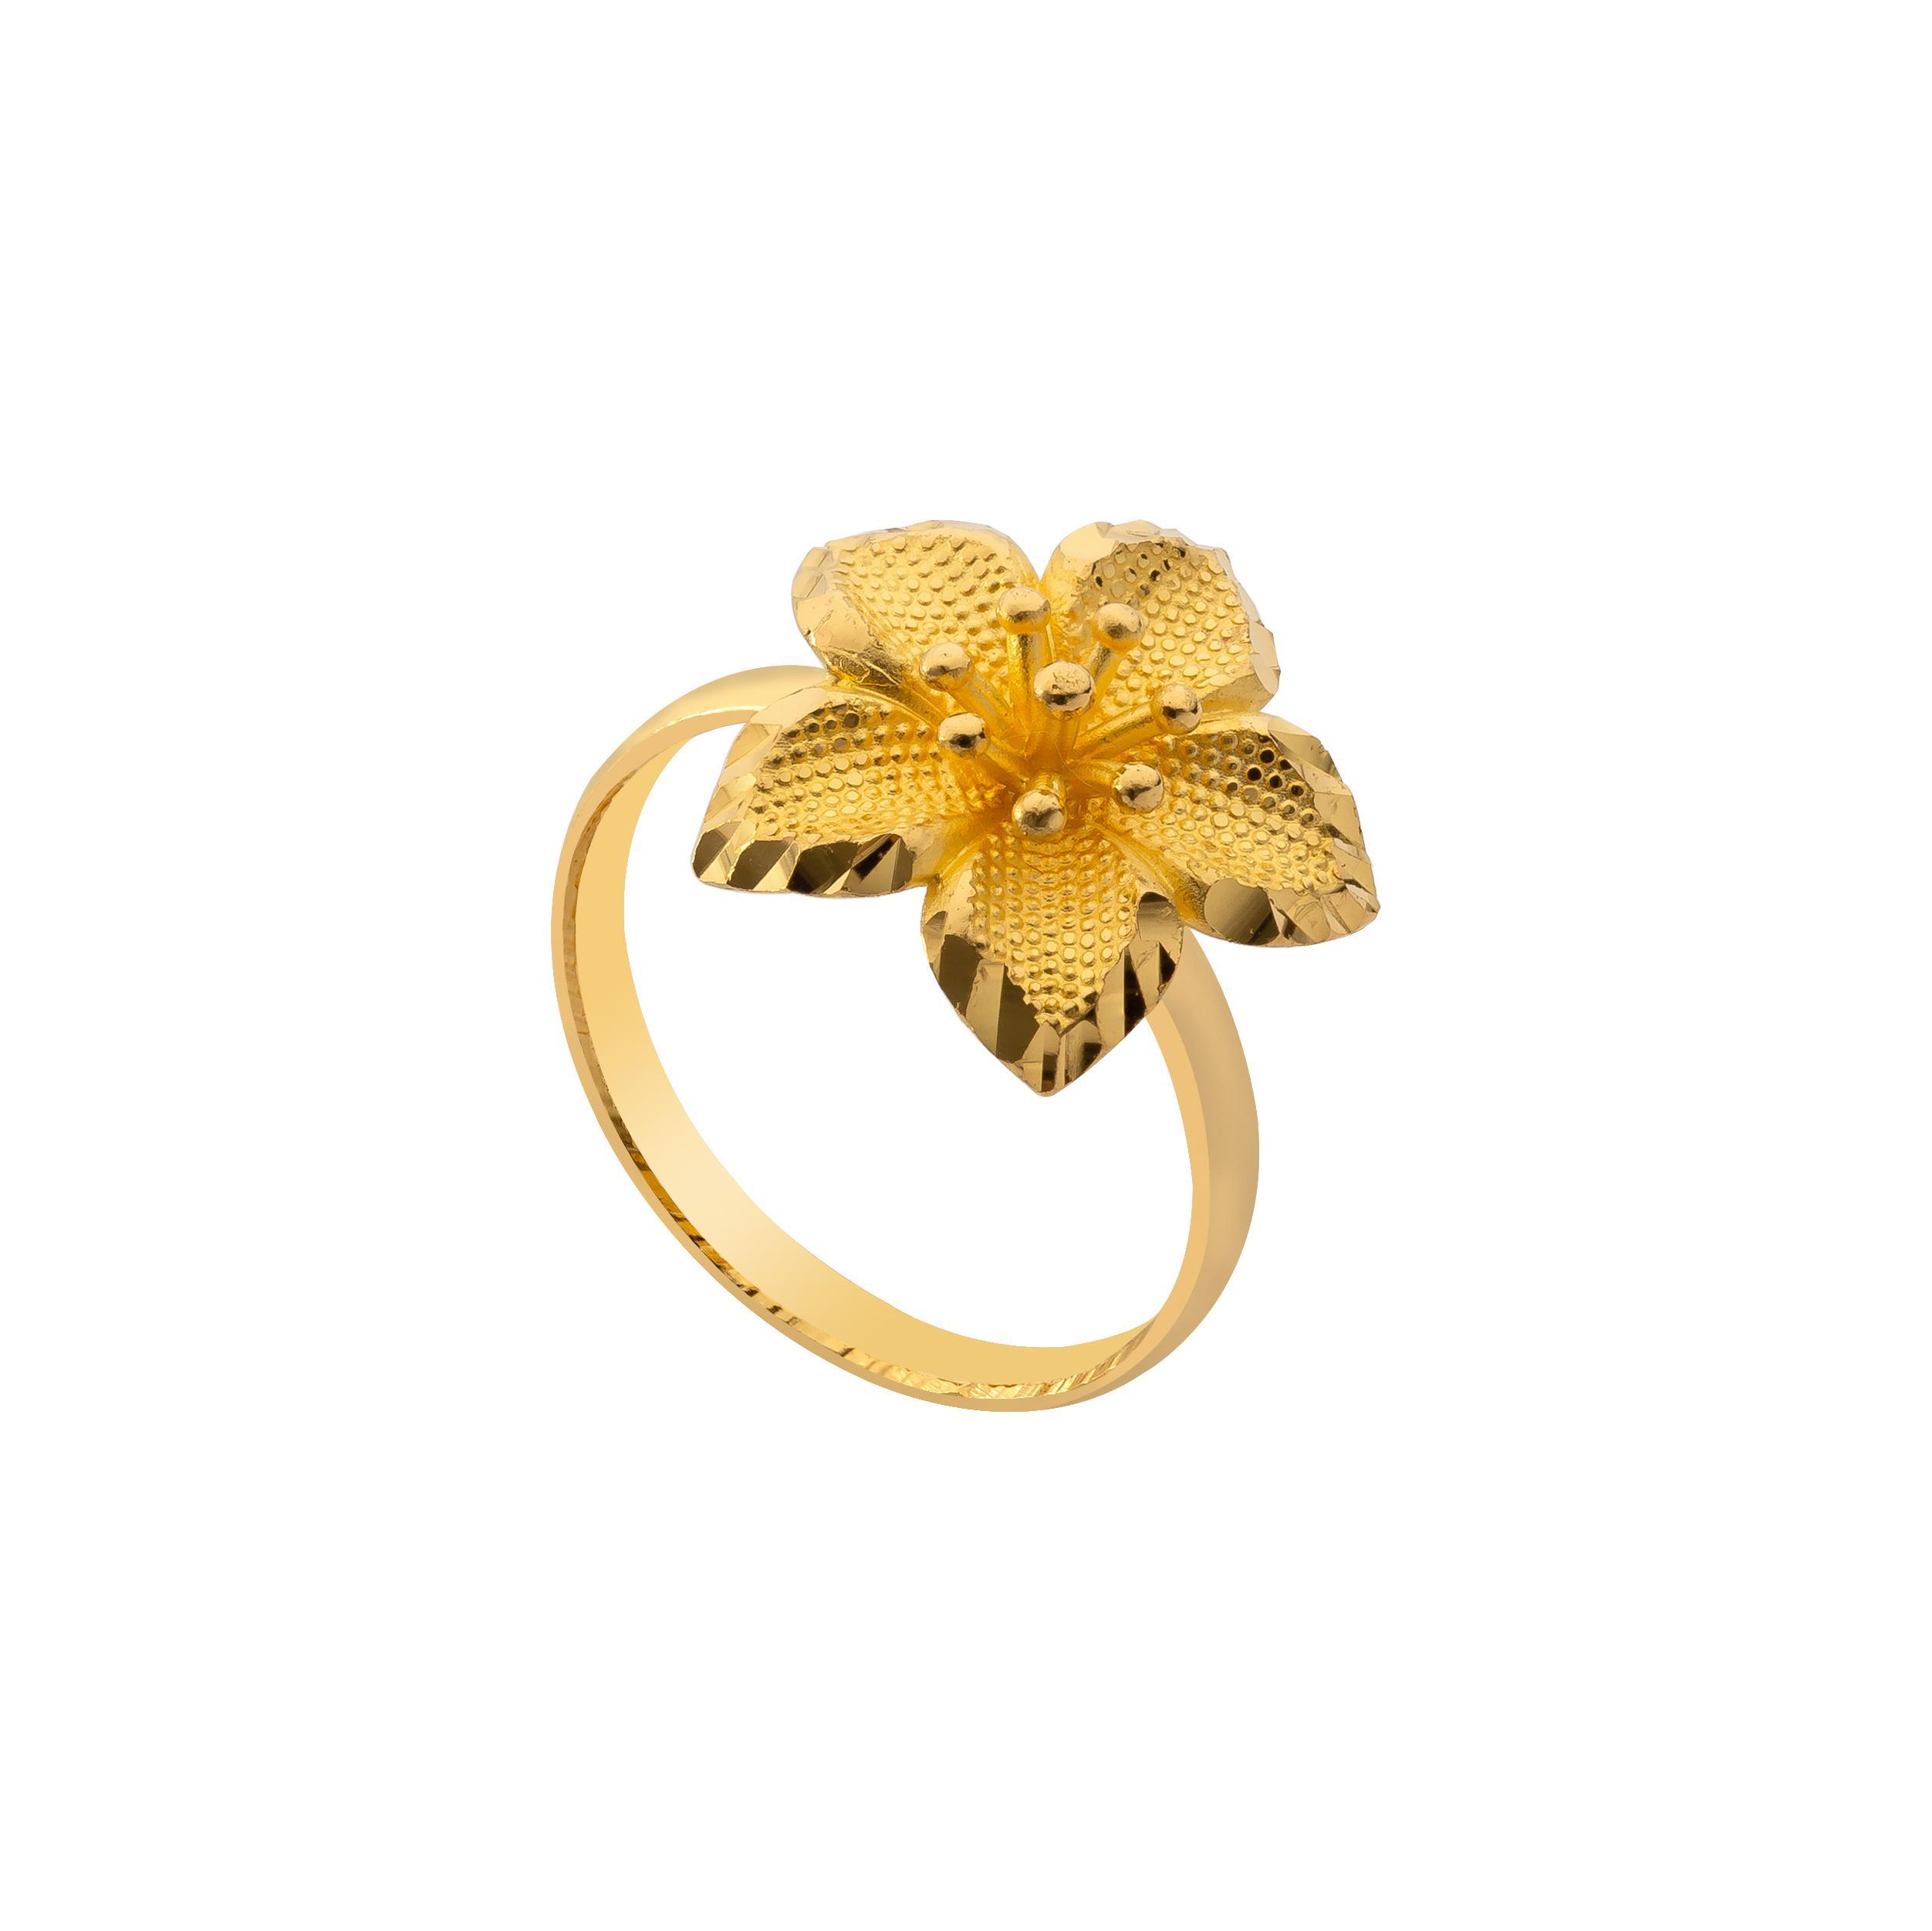 Nhẫn vàng 24k BST Đính hôn